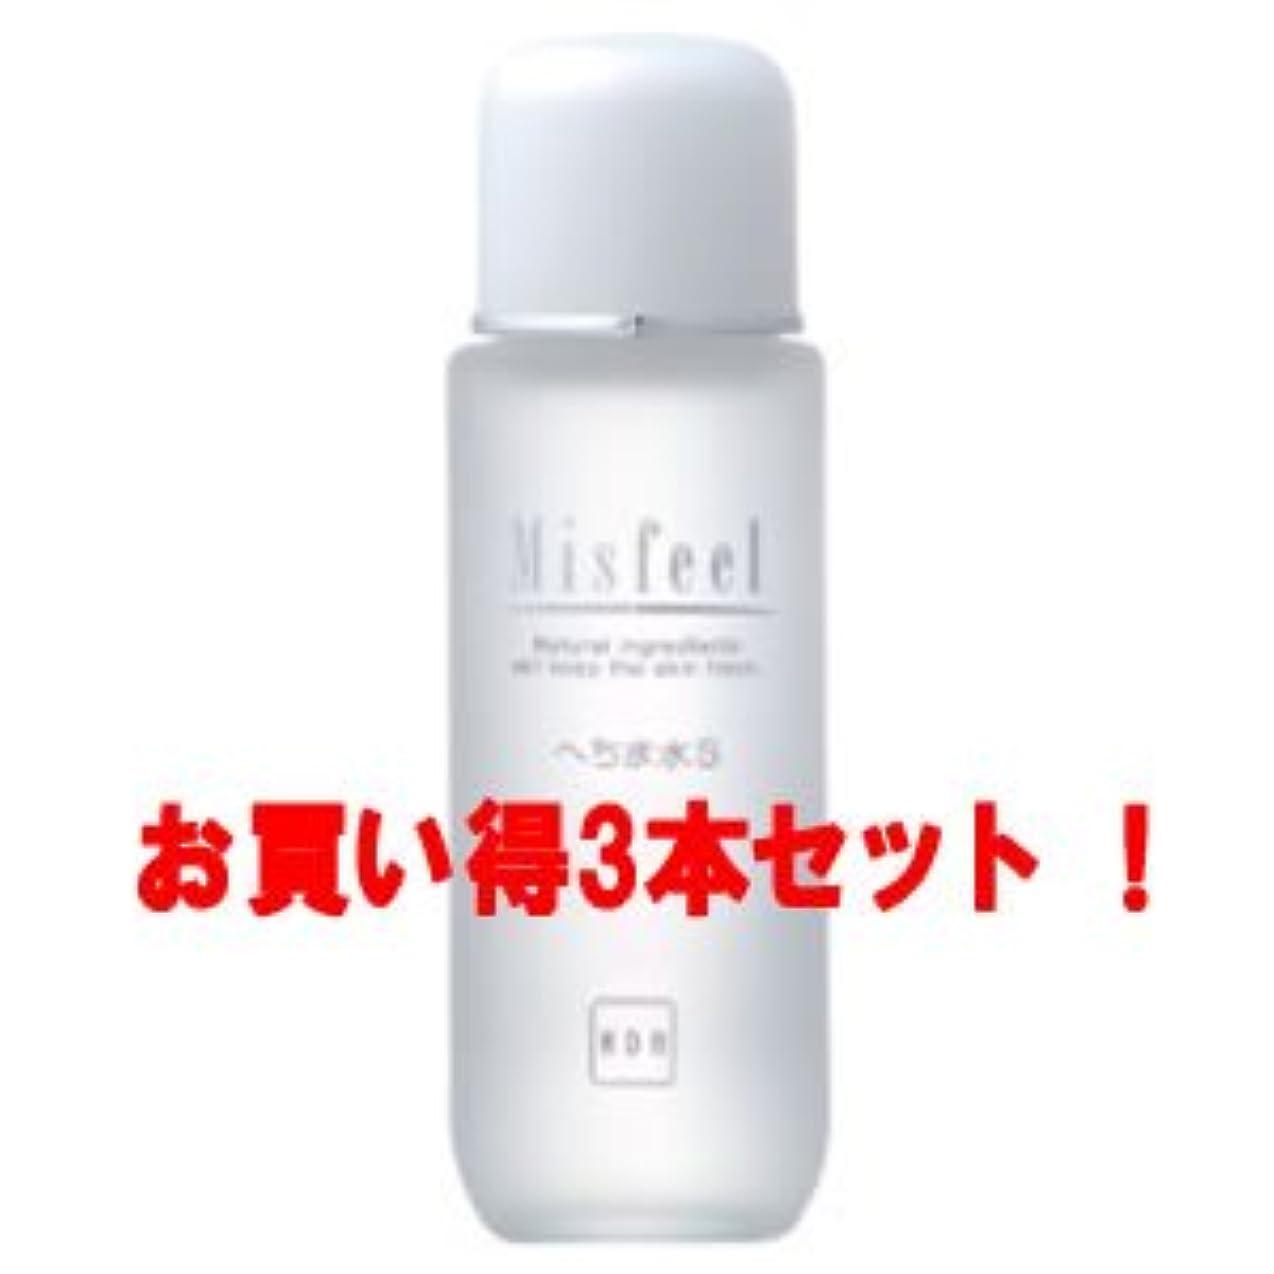 反逆講堂個性(アサバ化粧品)ミズフィール へちま水S120ml(お買い得3本セット)